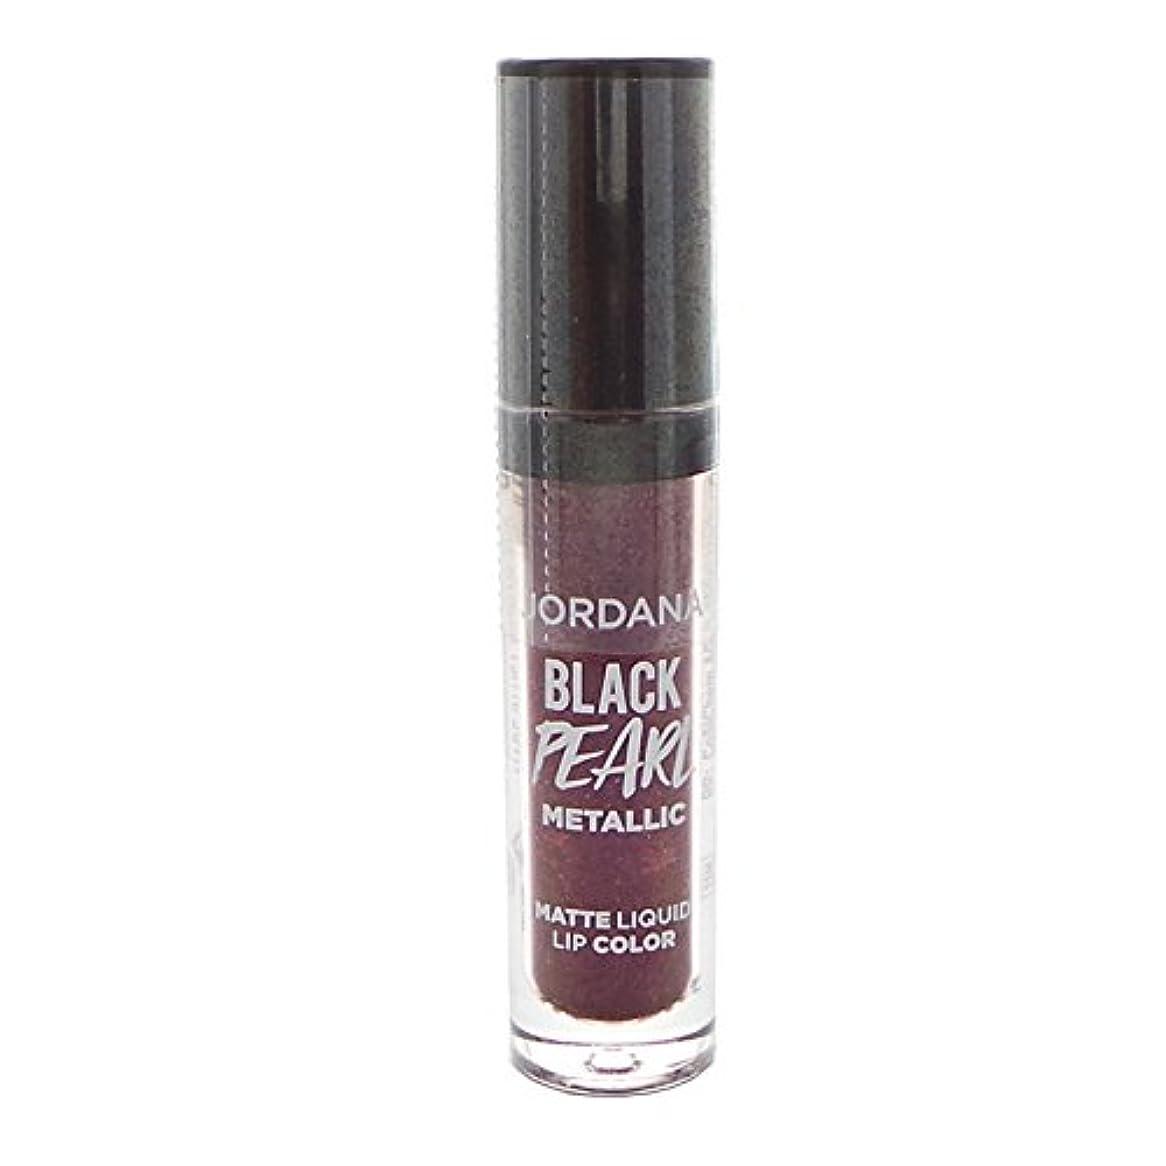 不安定高くスチュワード(3 Pack) JORDANA Black Limited Edition Pearl Metallic Matte Liquid Lip Color - Hocus Pocus Plum (並行輸入品)